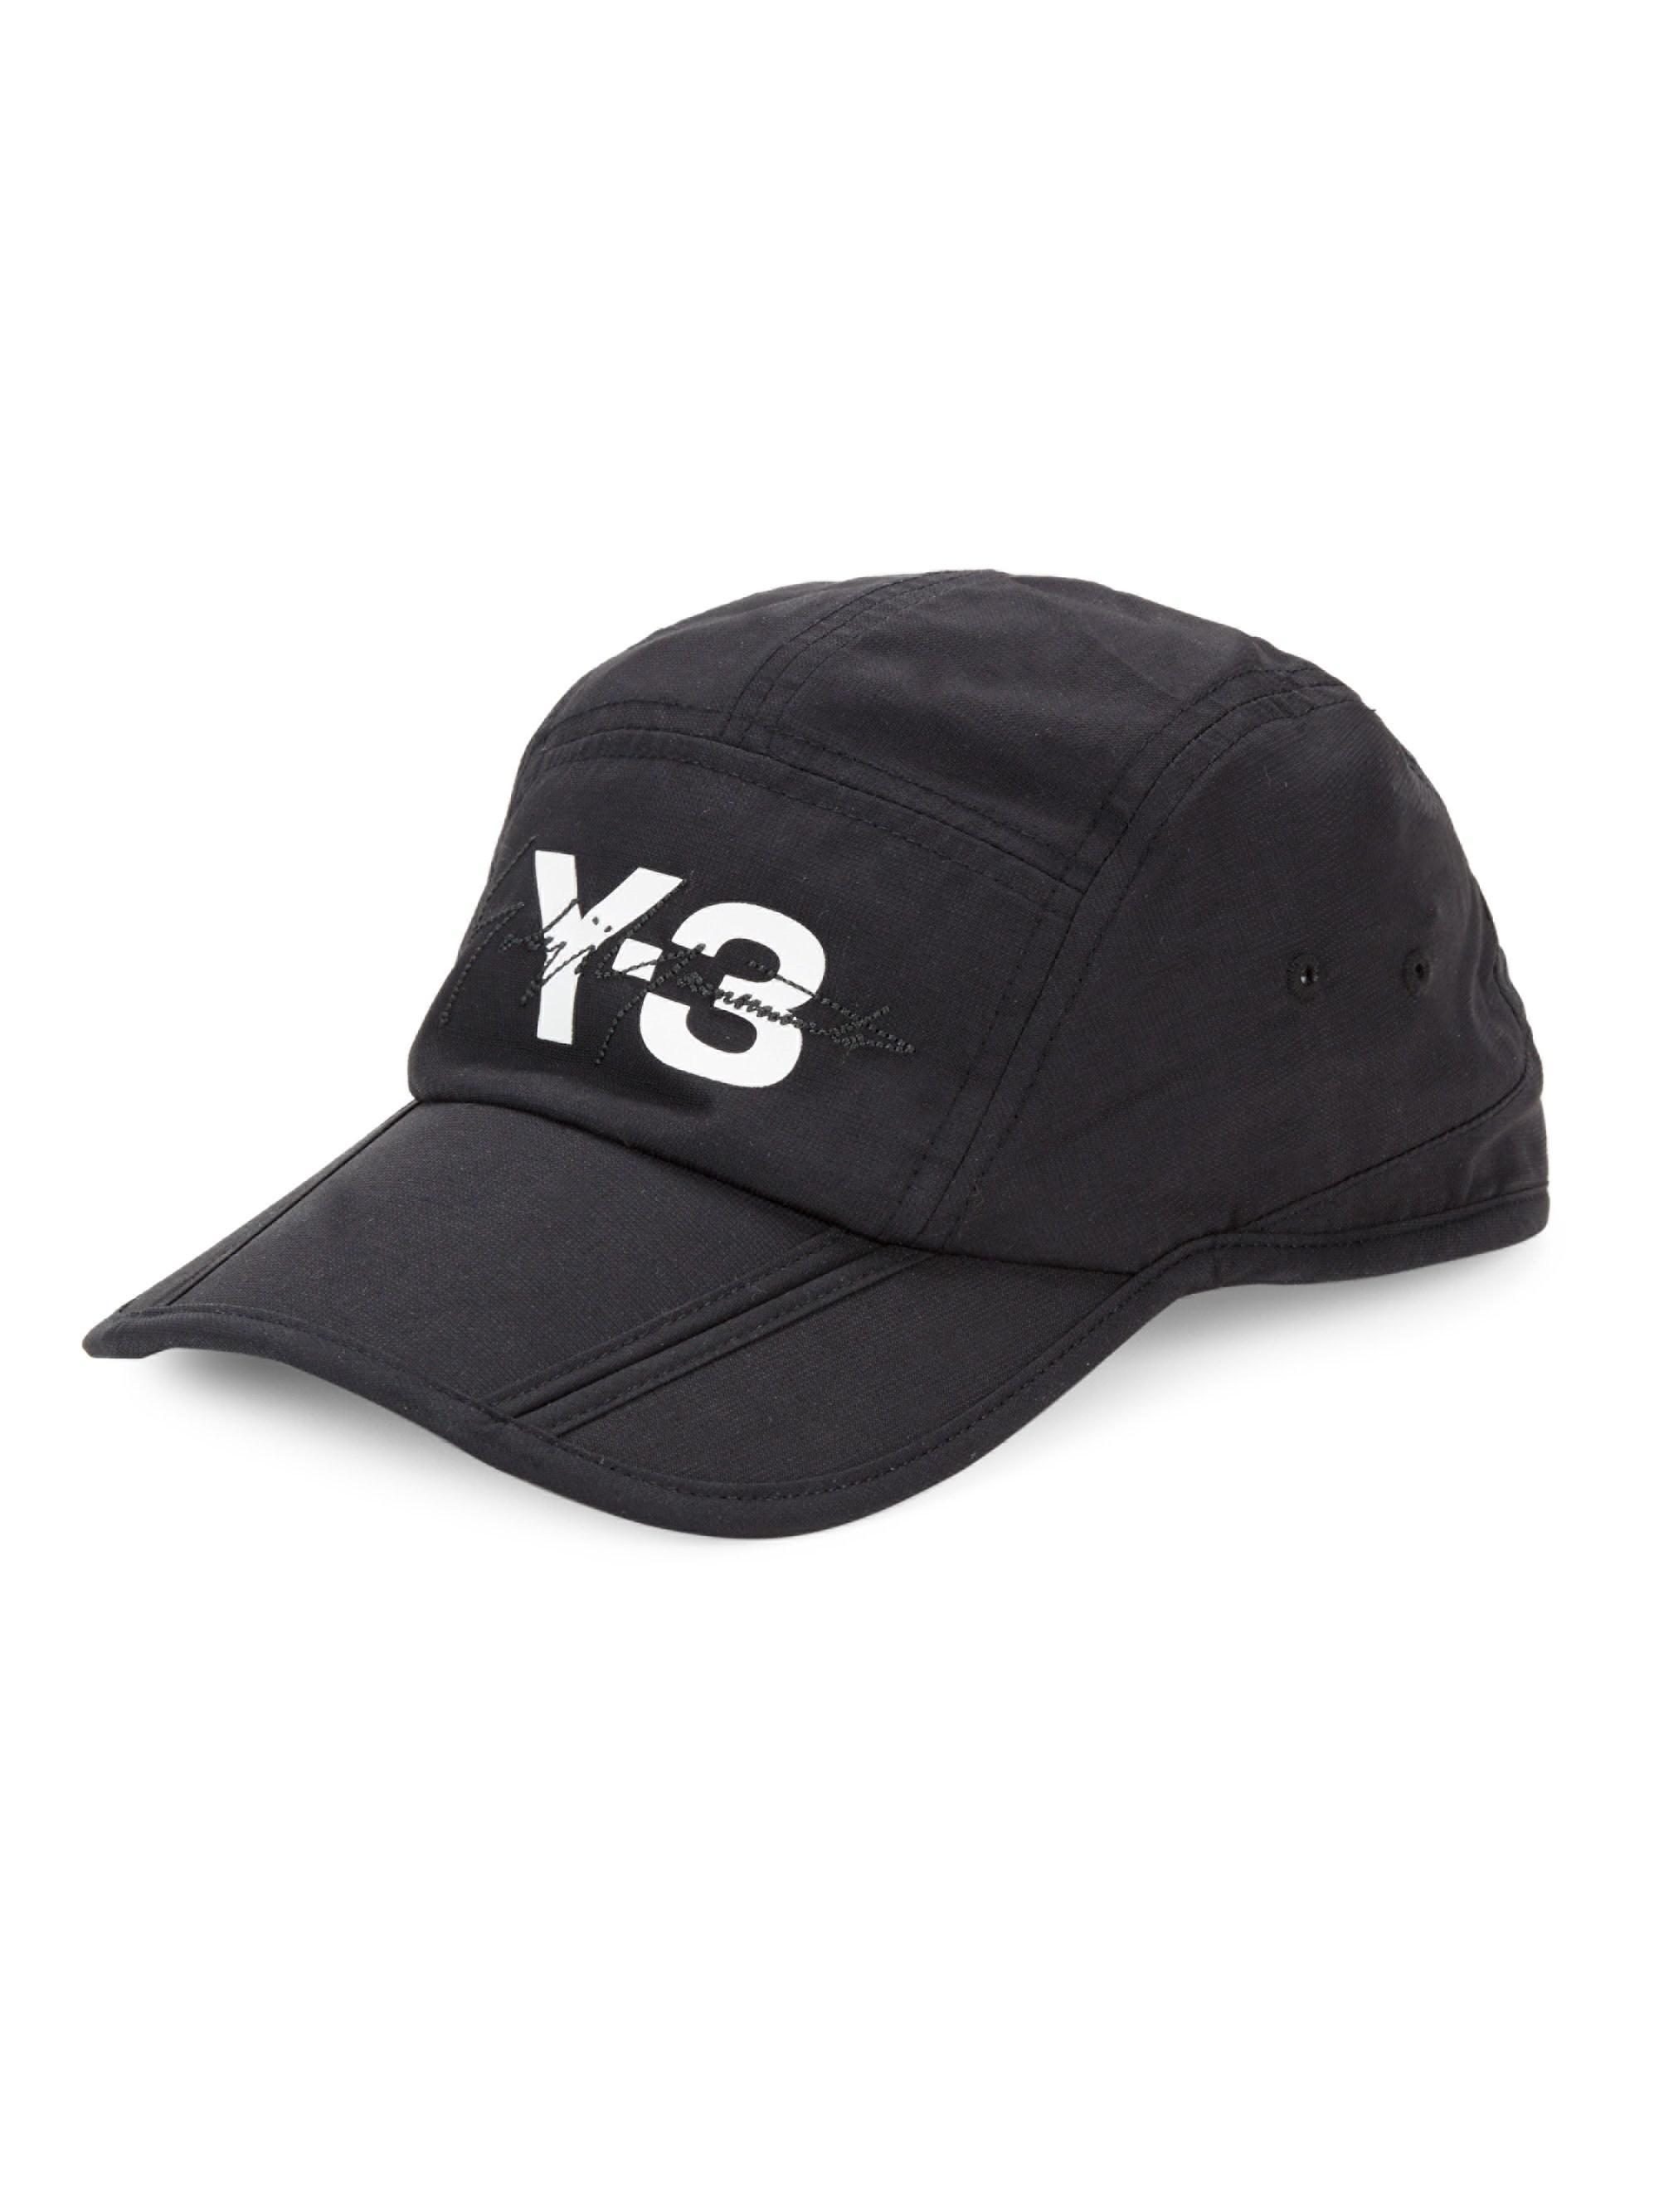 Y-3 Foldable Baseball Cap in Black for Men - Lyst cc58dd7a0f03